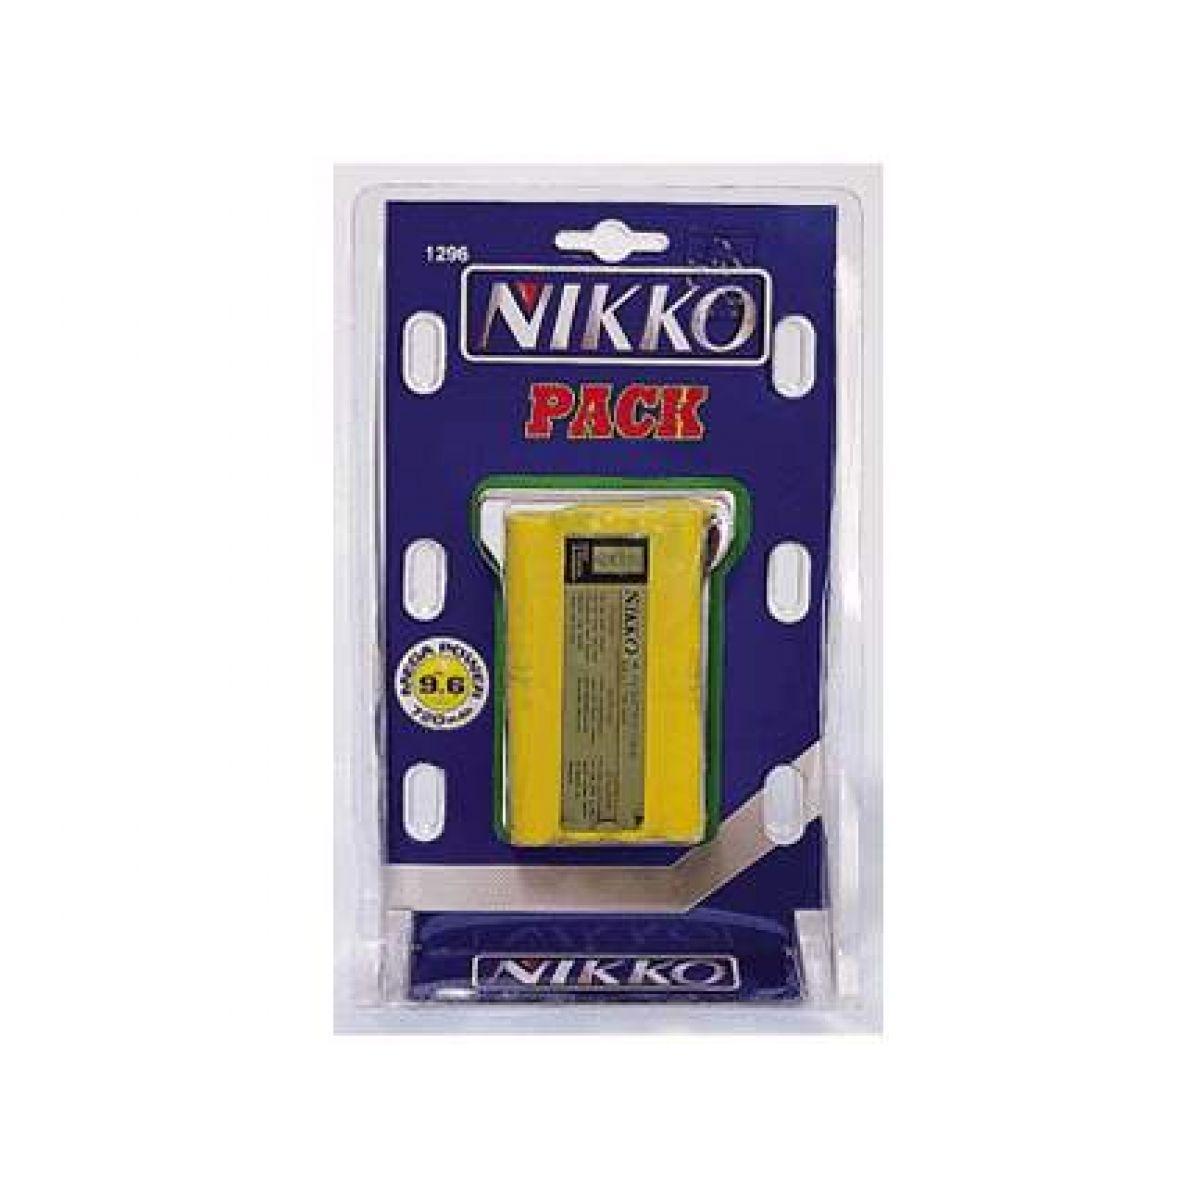 Nikko 9,6V Bateriový balík